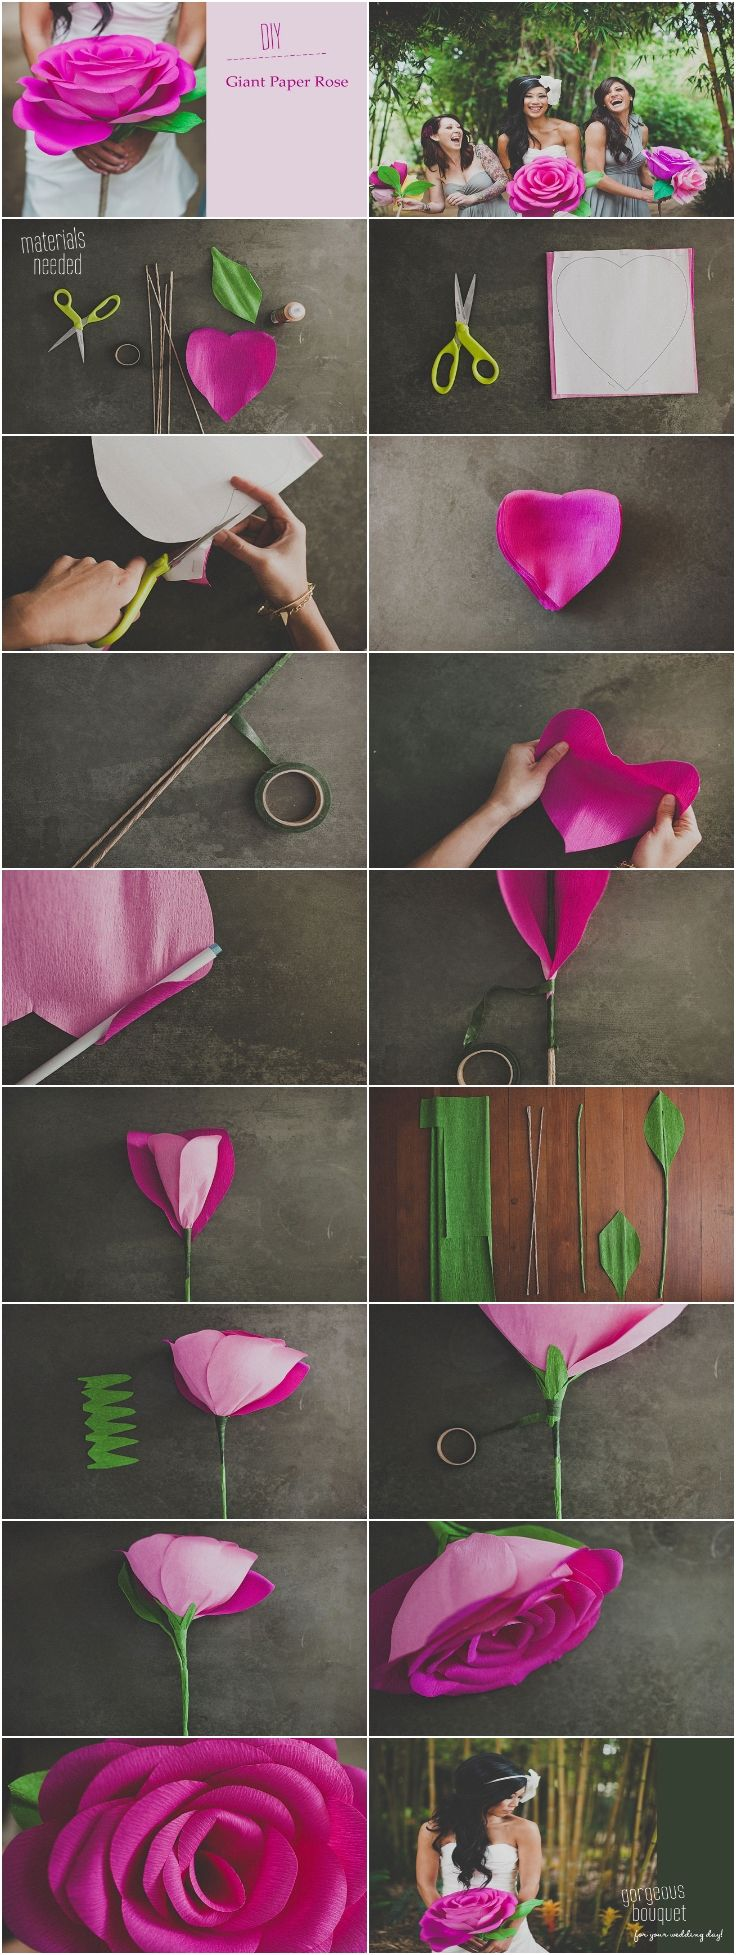 DIY Giant Paper Rose Flower